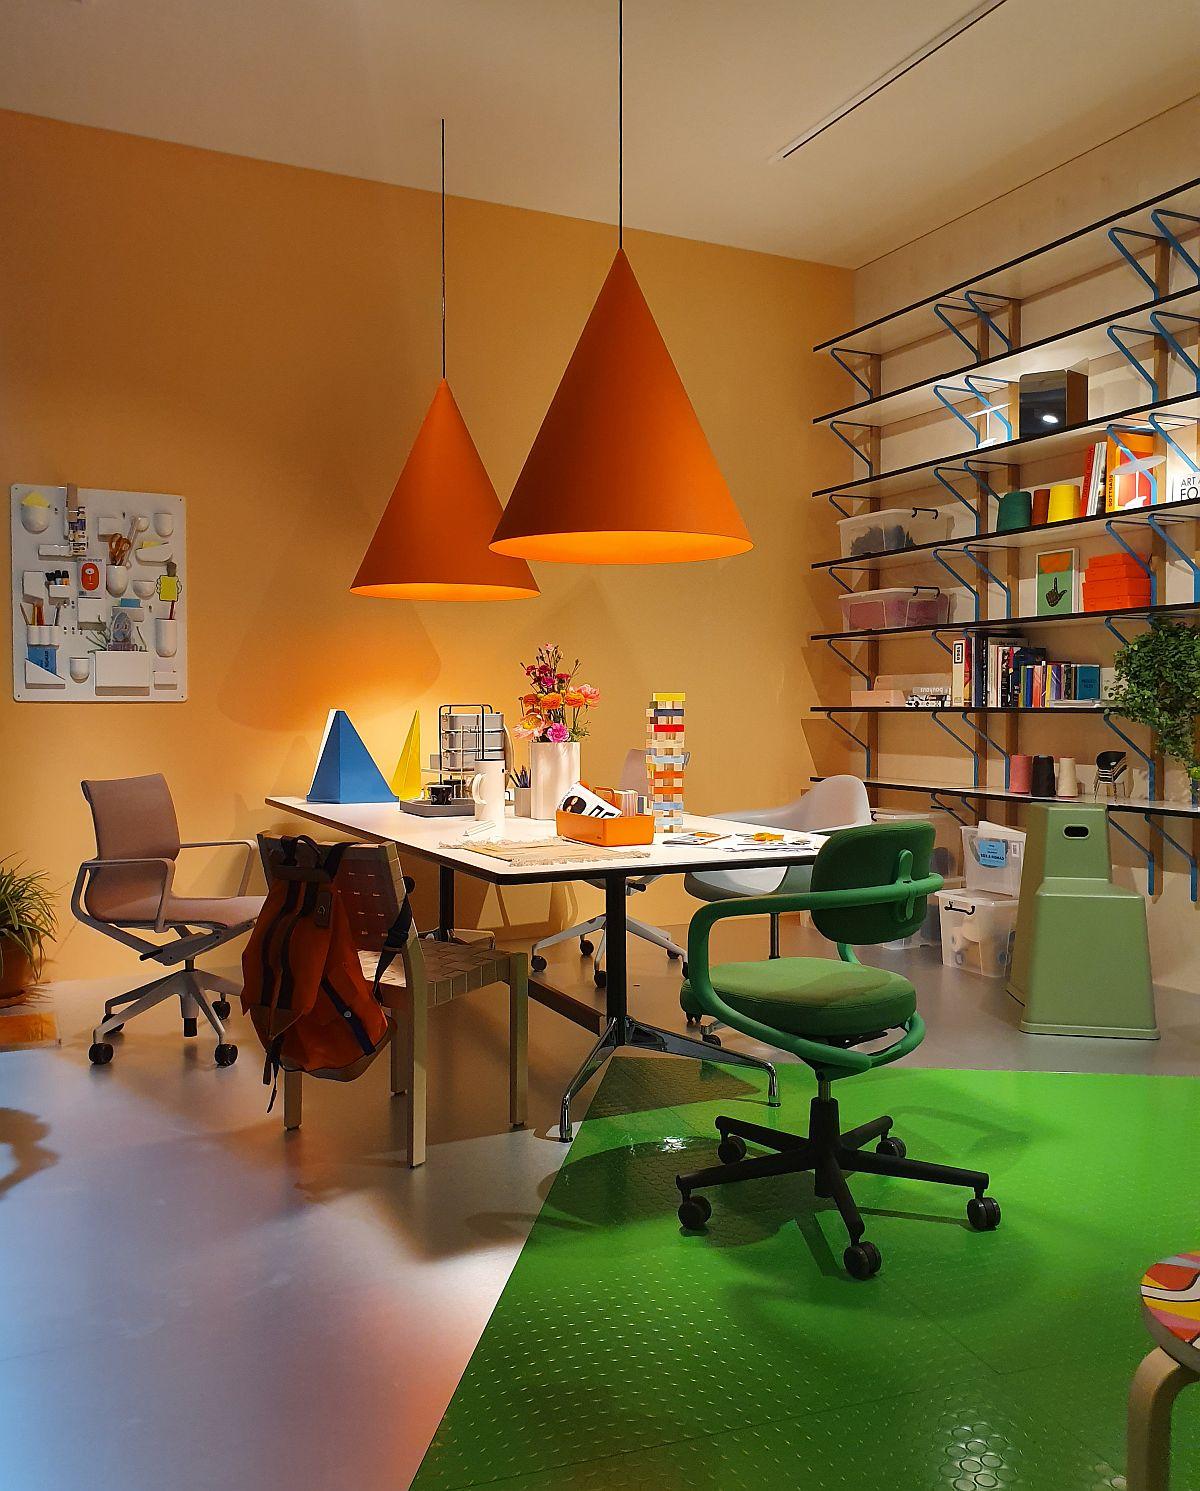 Într-un interior de birou portocaliul este una dintre cele mai recomandate culori, iar propunerea celor de la Vitra este una sugestivă, dar și creativă.